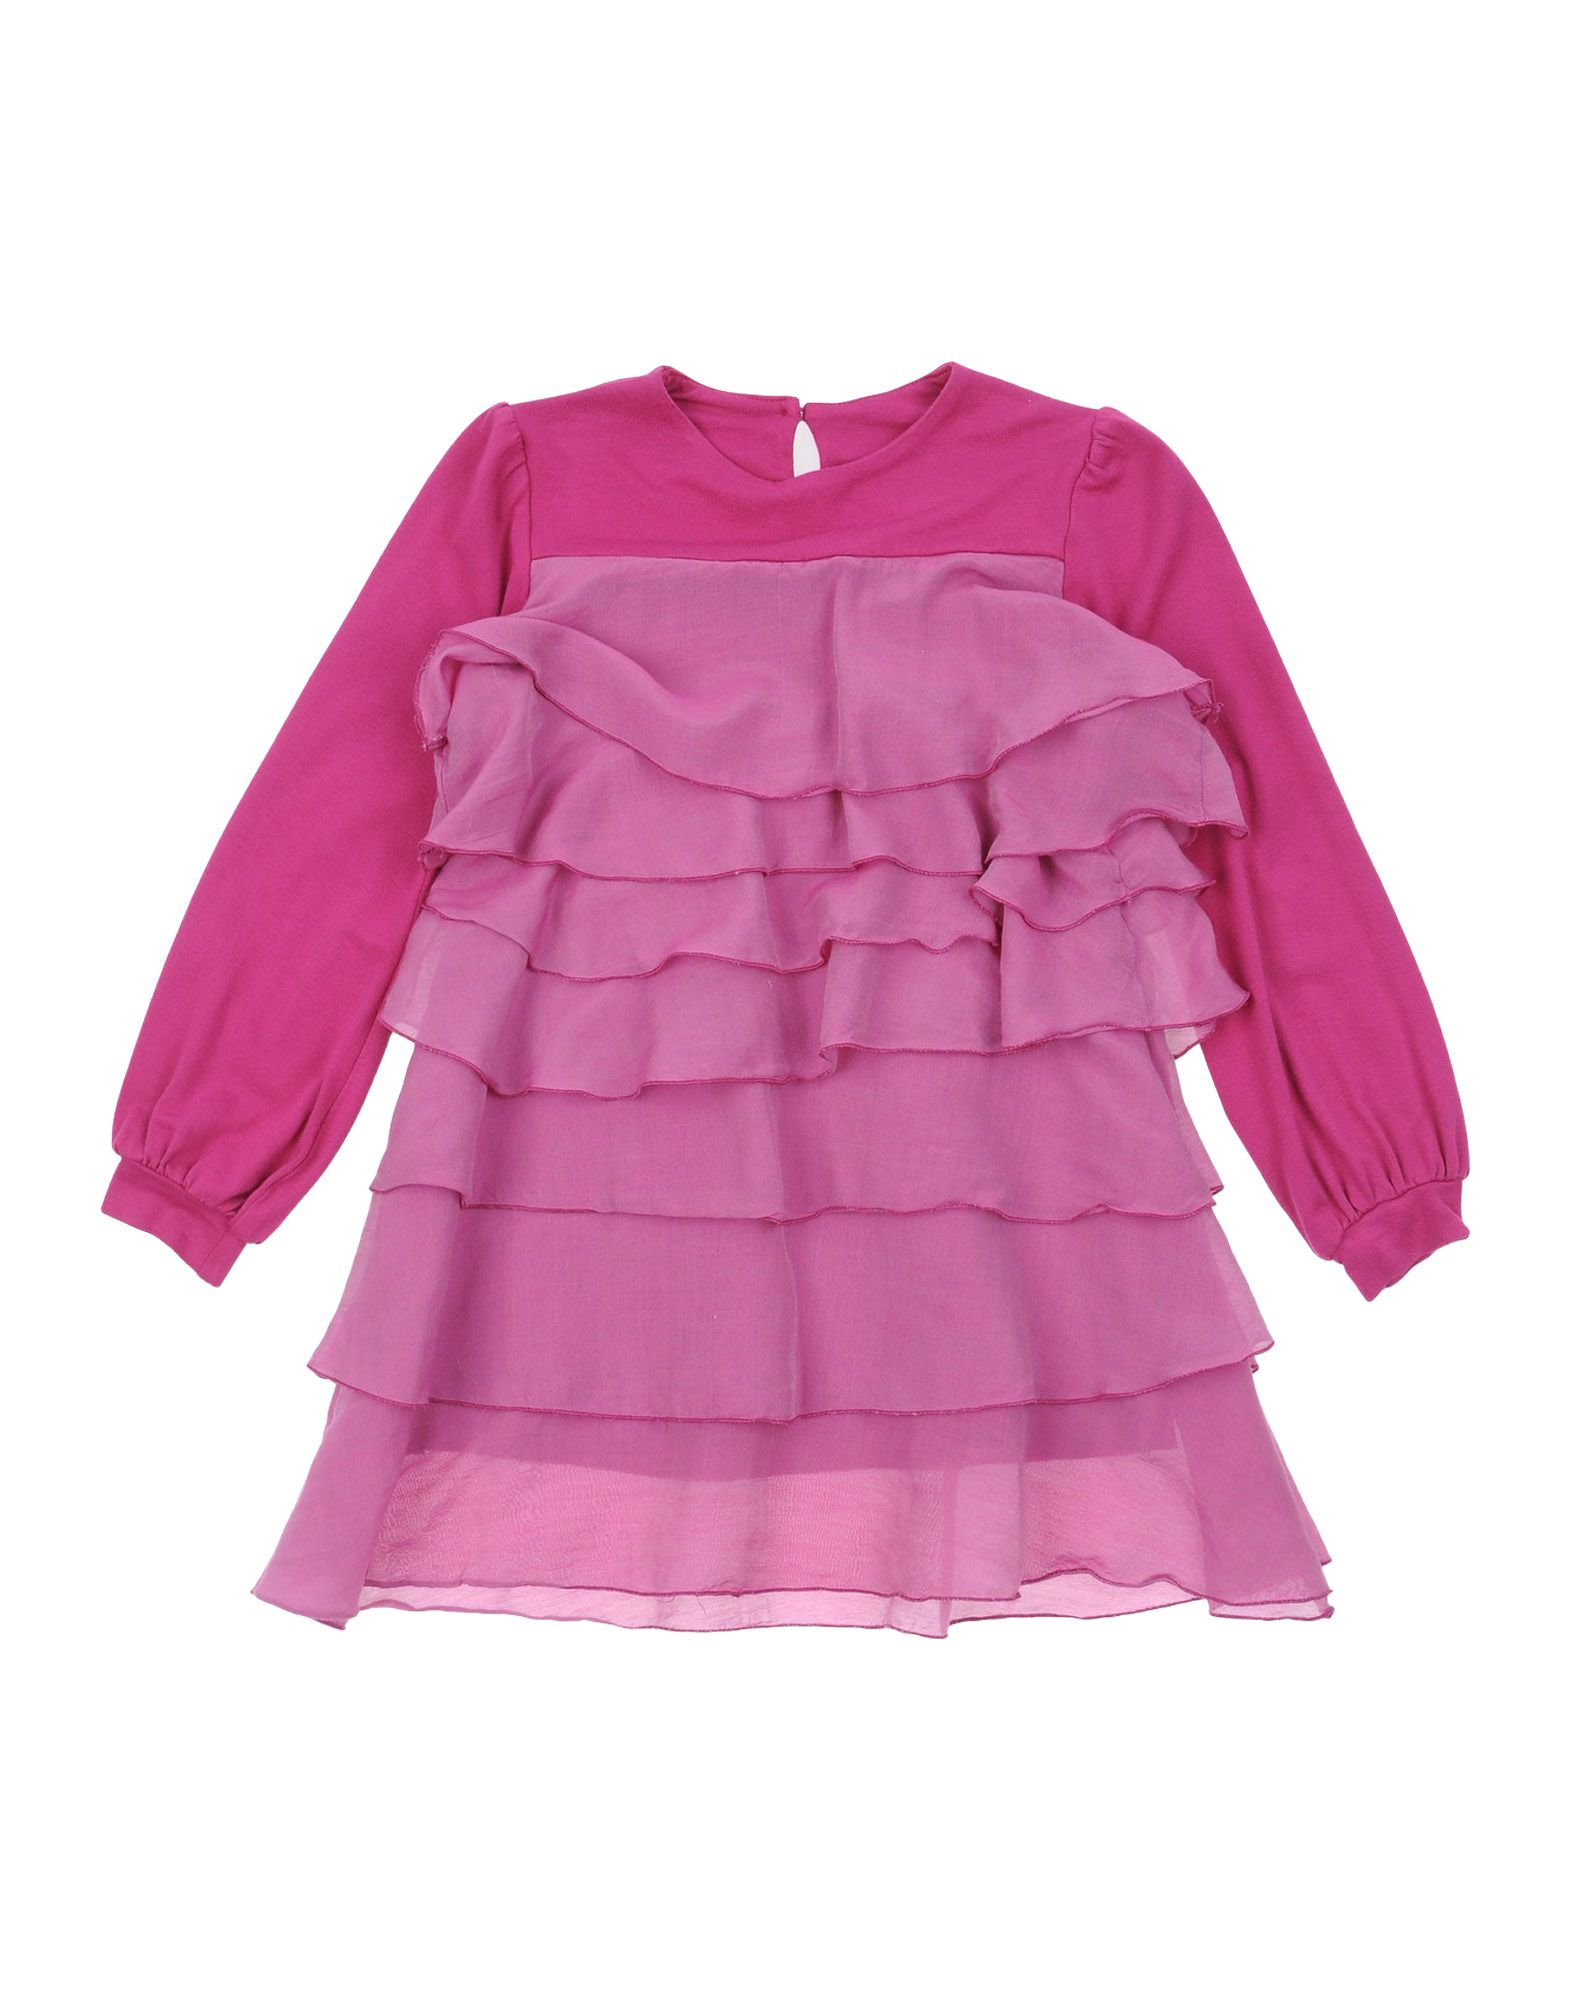 EUROPEAN CULTURE Mädchen 3-8 jahre Kleid Farbe Purpur Größe 1 - broschei